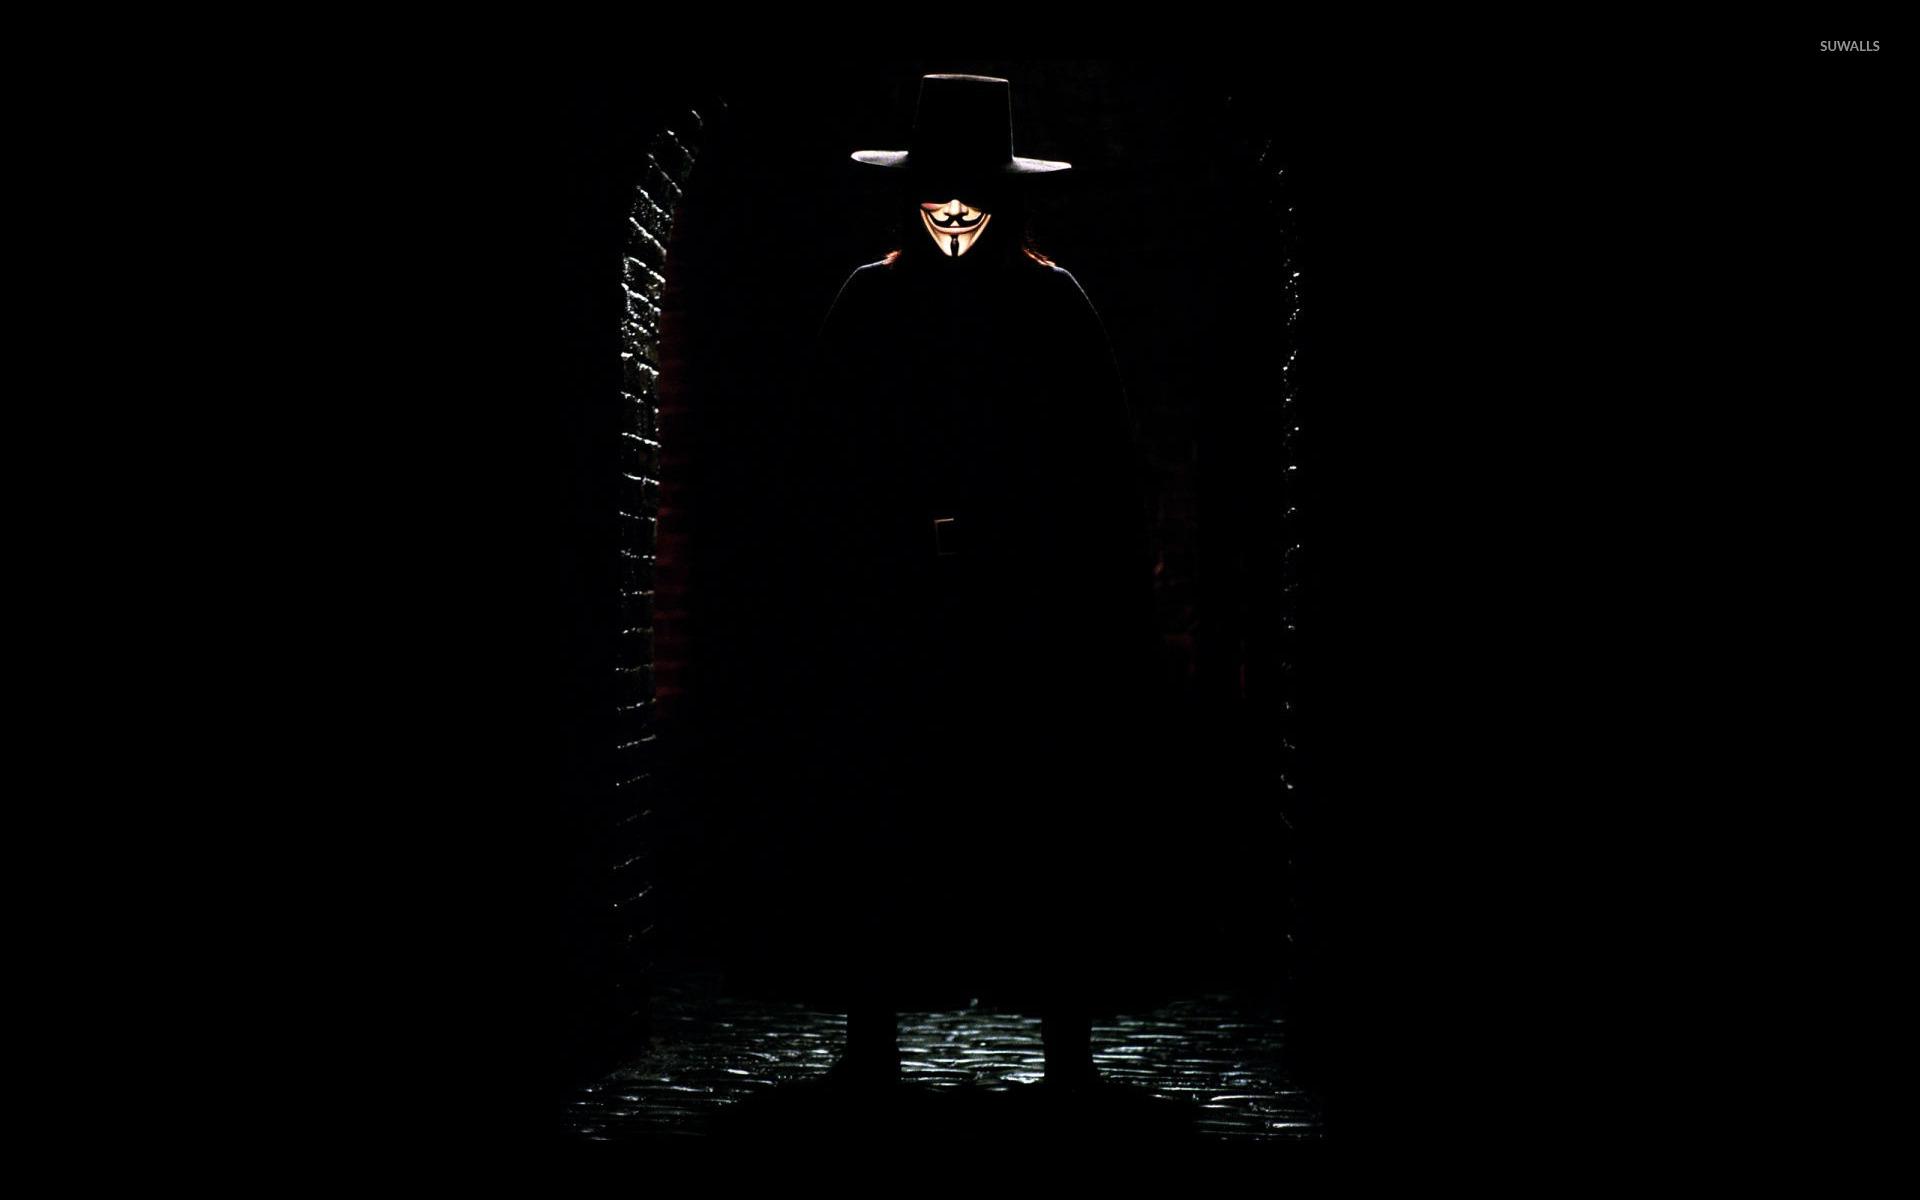 V For Vendetta 2 Wallpaper